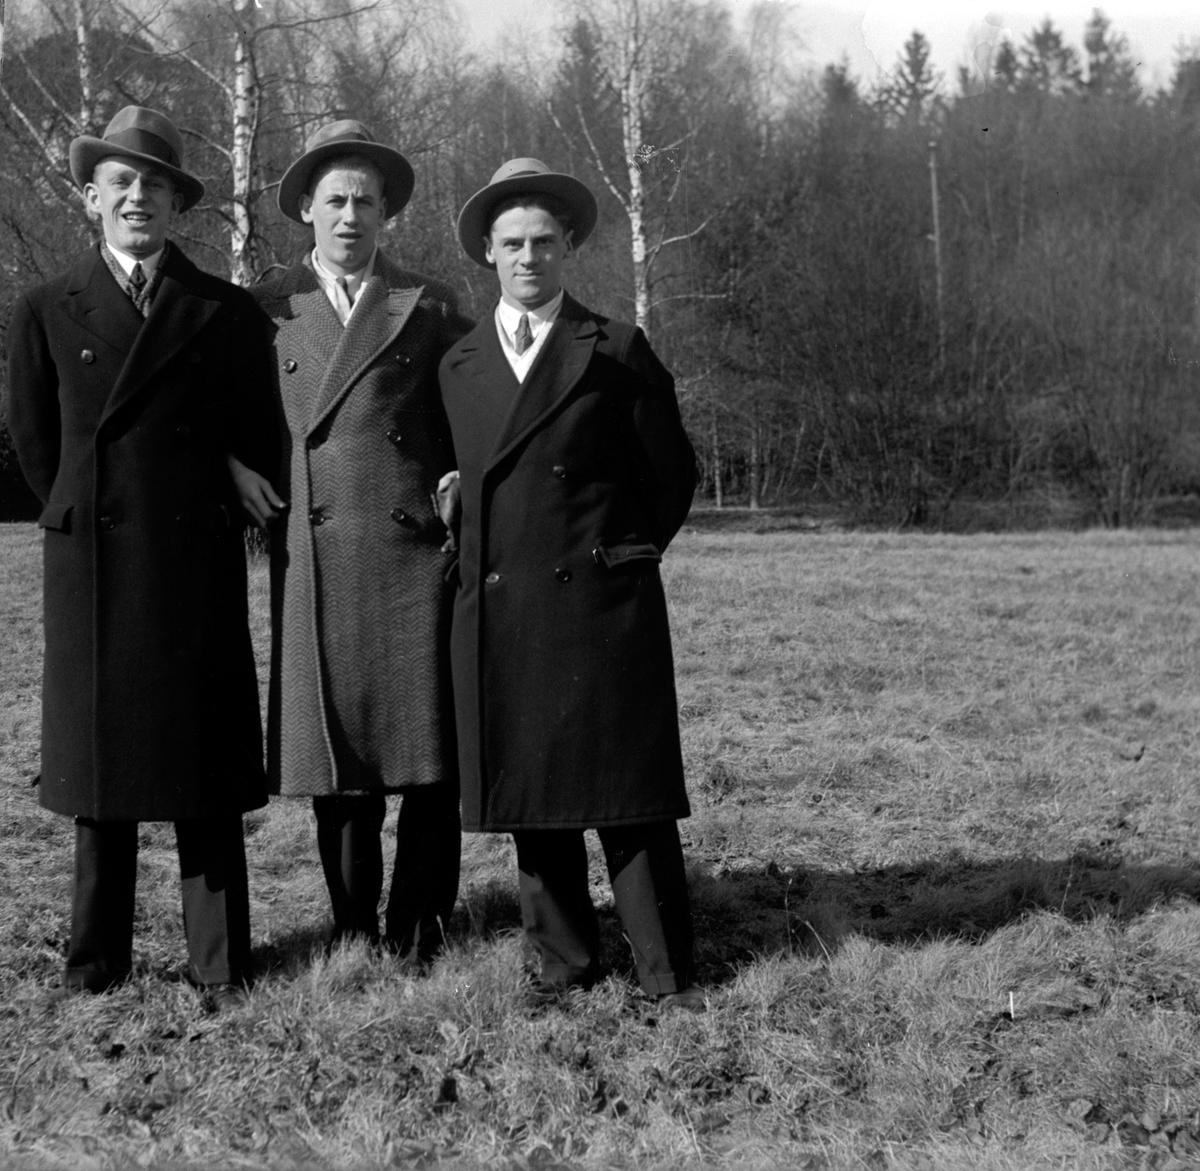 Tre män klädda i rock och hatt, står på ett fält med avlövade träd i bakgrunden.